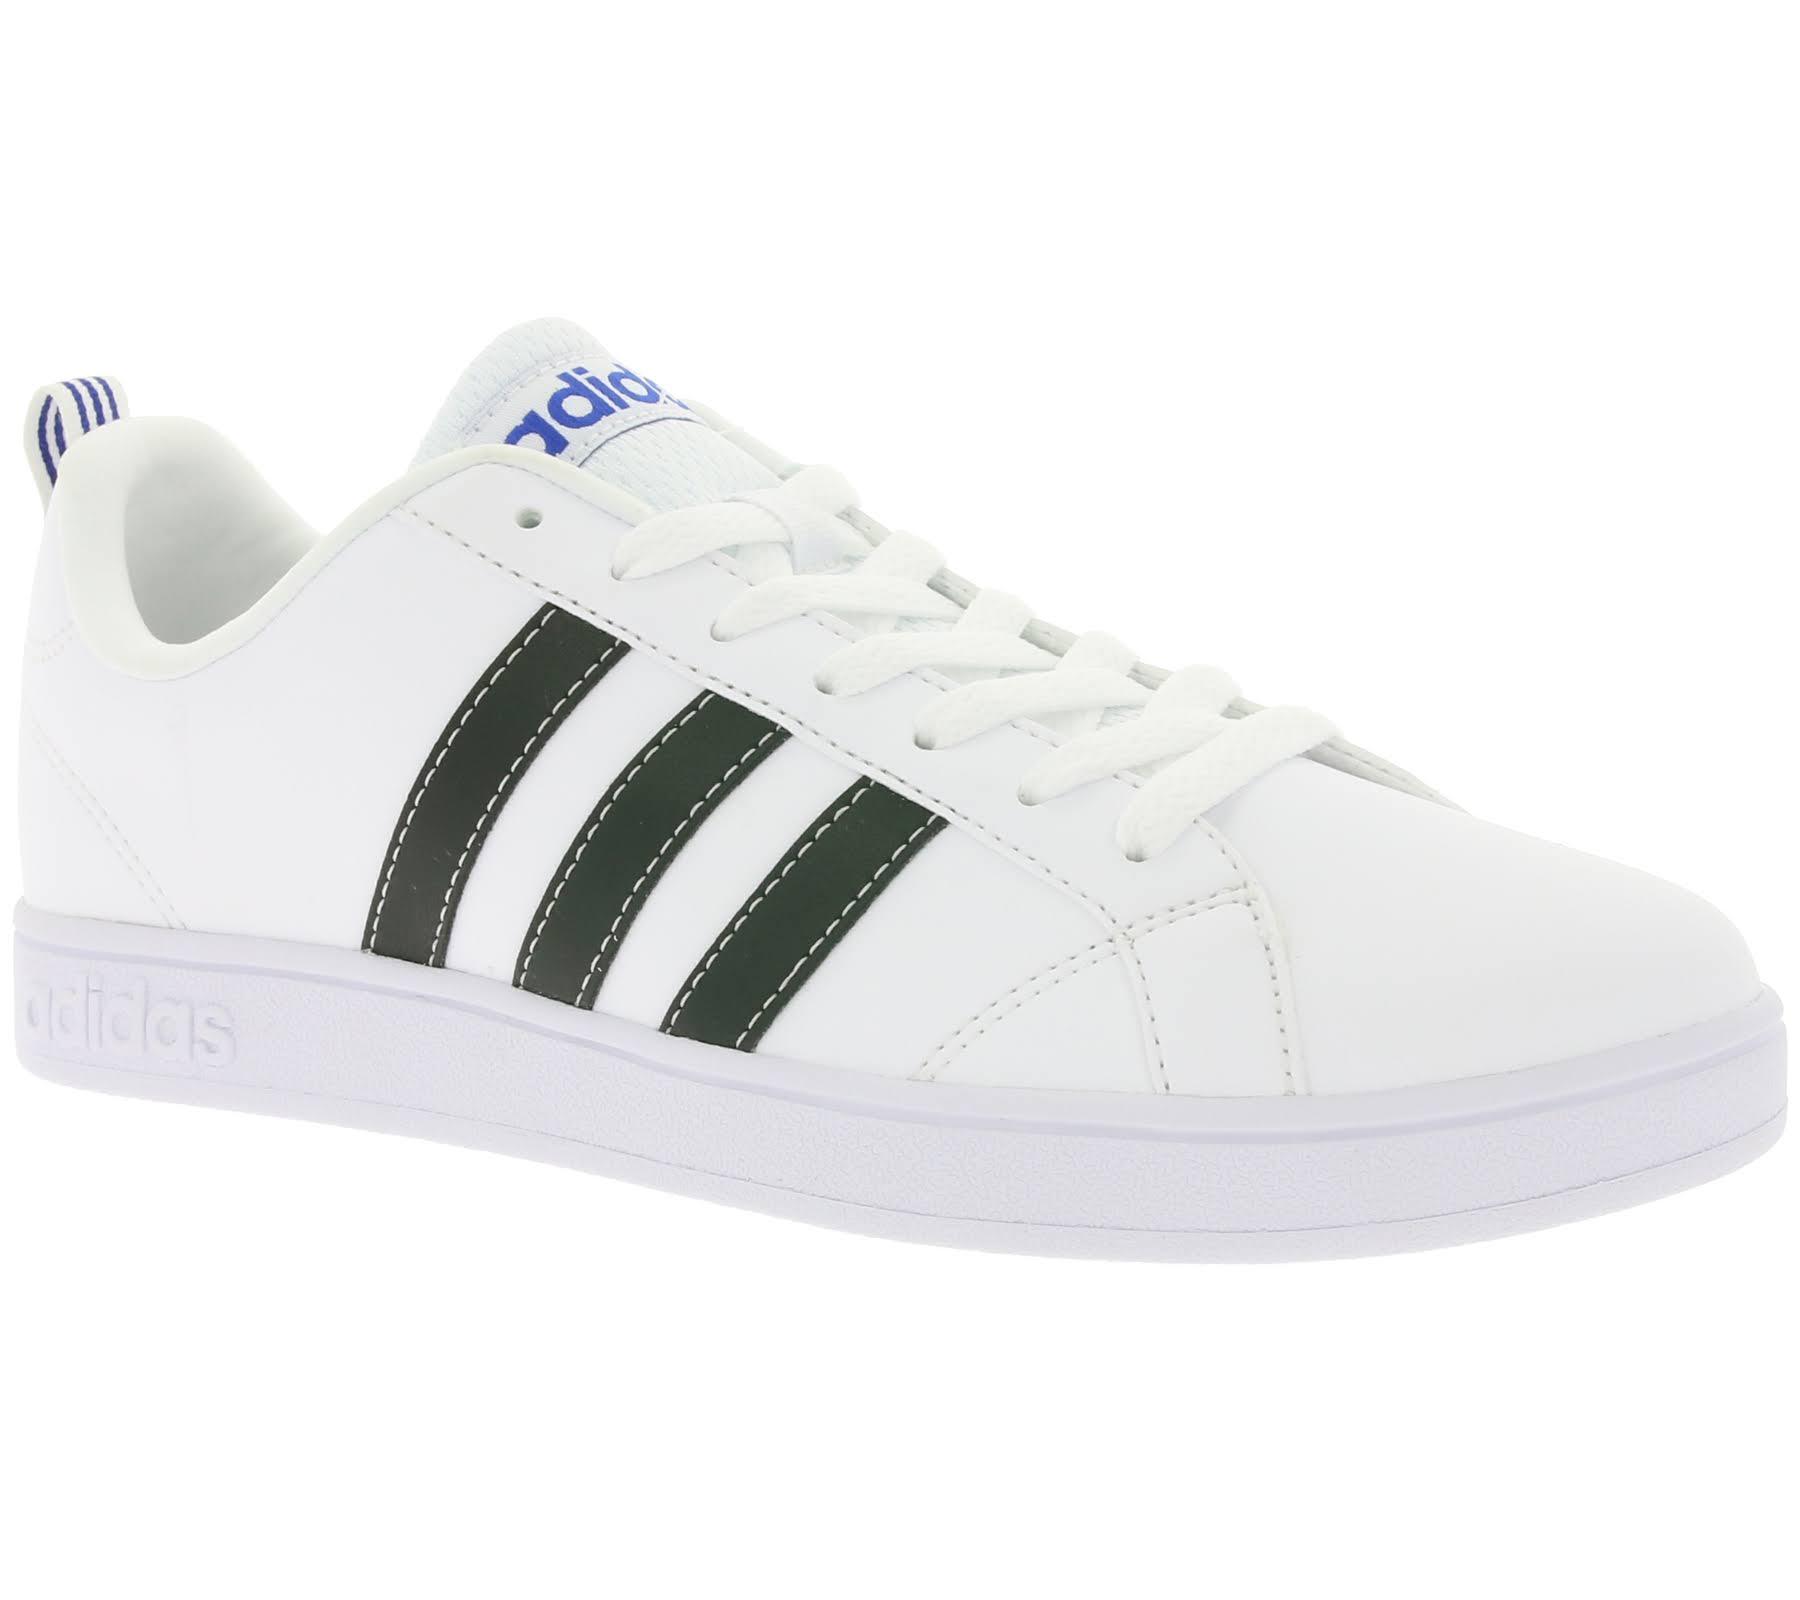 Uomo Bianche Lifestyle Vs Da Adidas AdvantageScarpe mwvnO80N